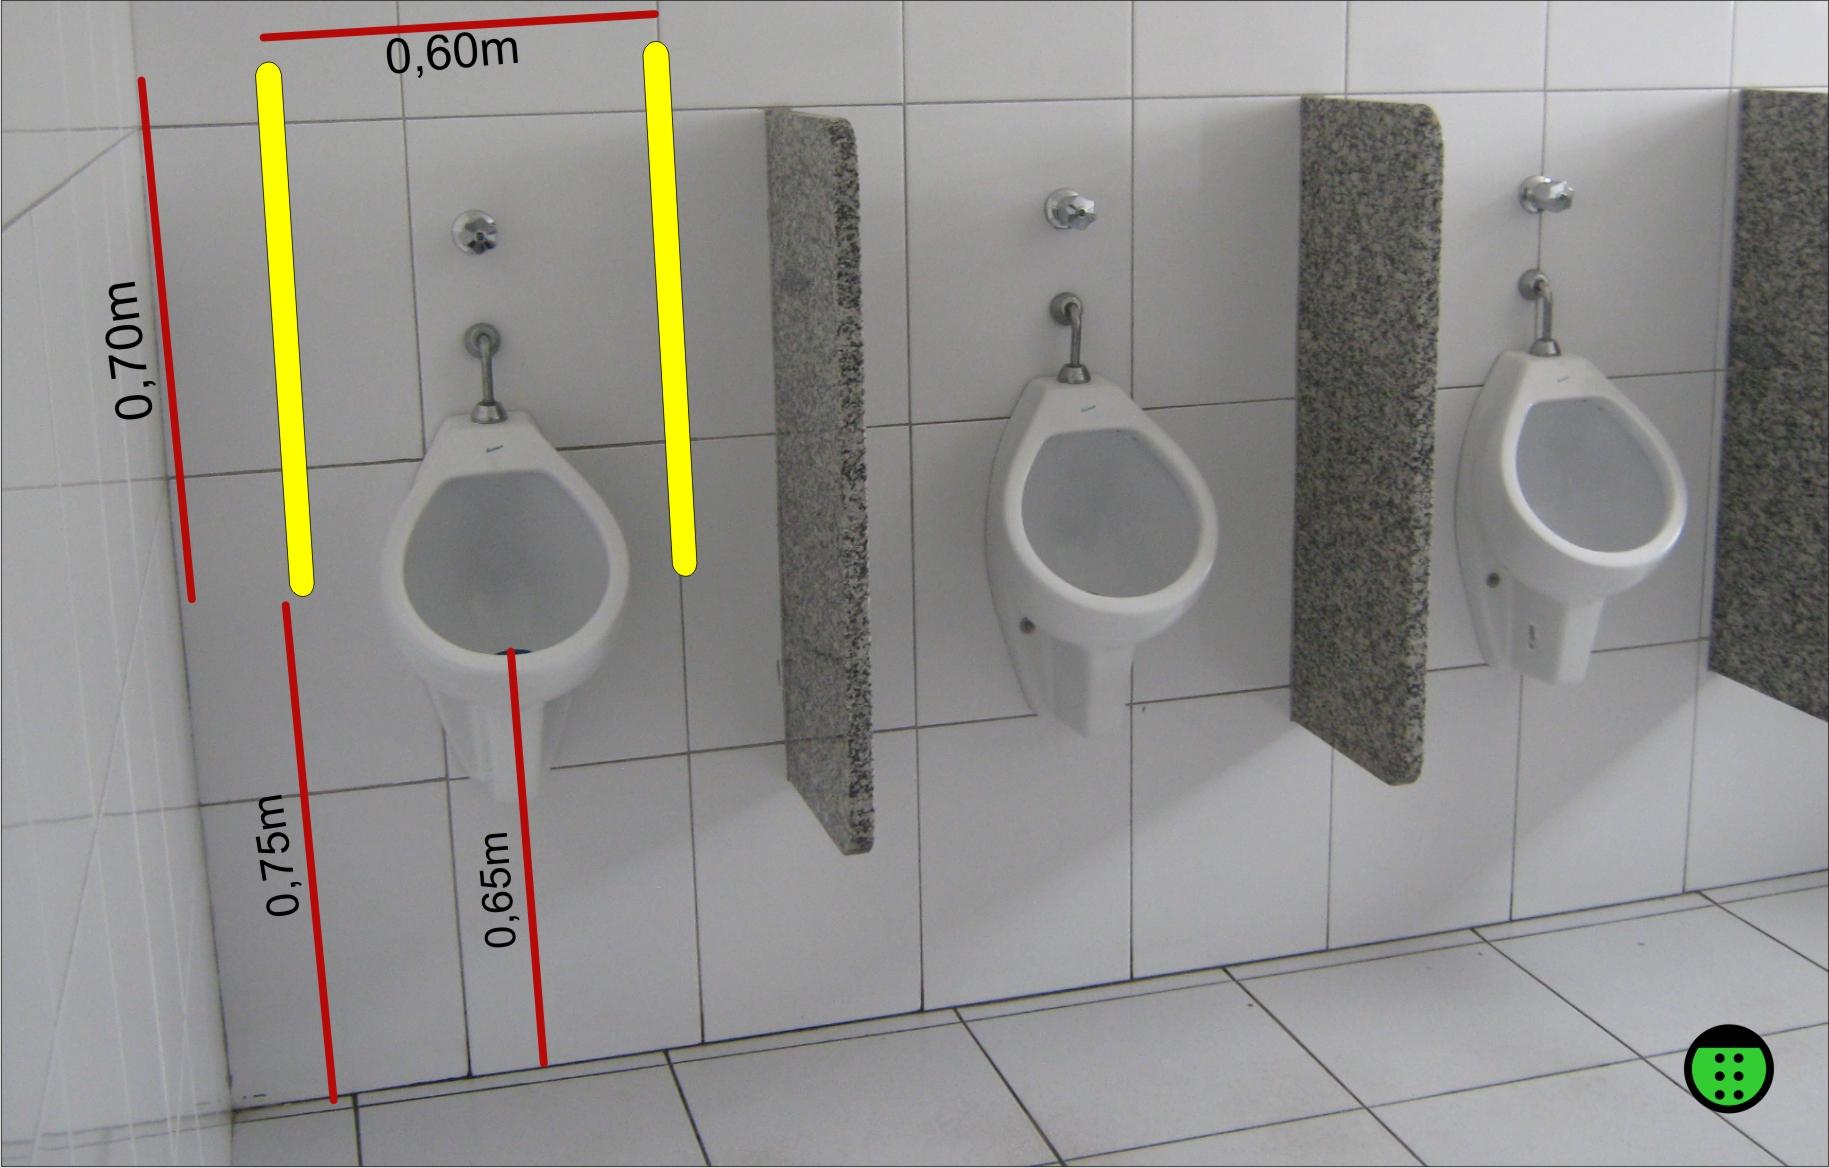 foto de como deveria ser um mictório acessível com barras paralelas  #C4C407 1829x1168 Banheiro Acessivel Planta Baixa